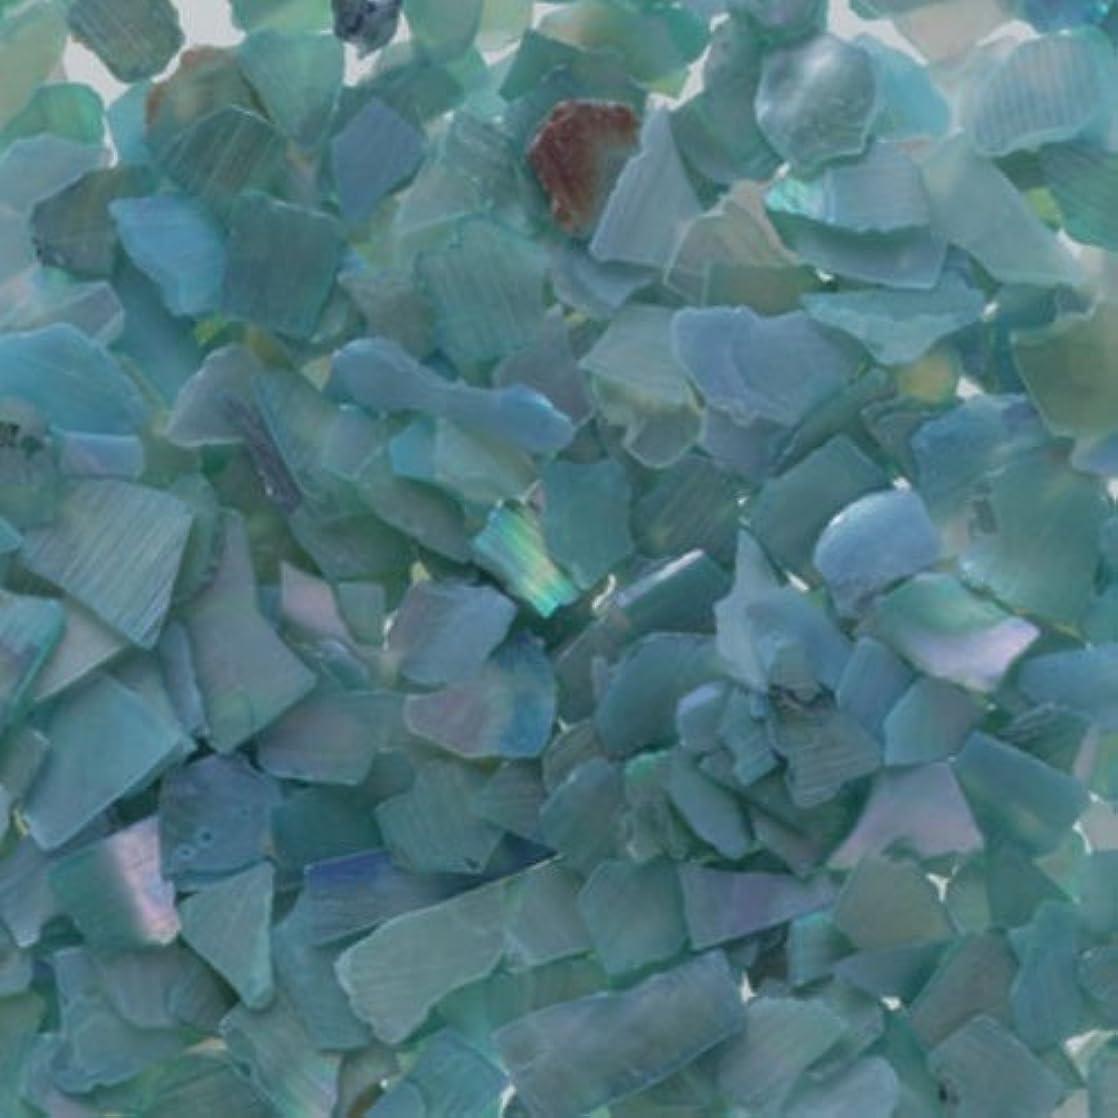 ニンニク進化留め金ピカエース ネイル用パウダー シェルグレイン L #338 ライトブルー 1g